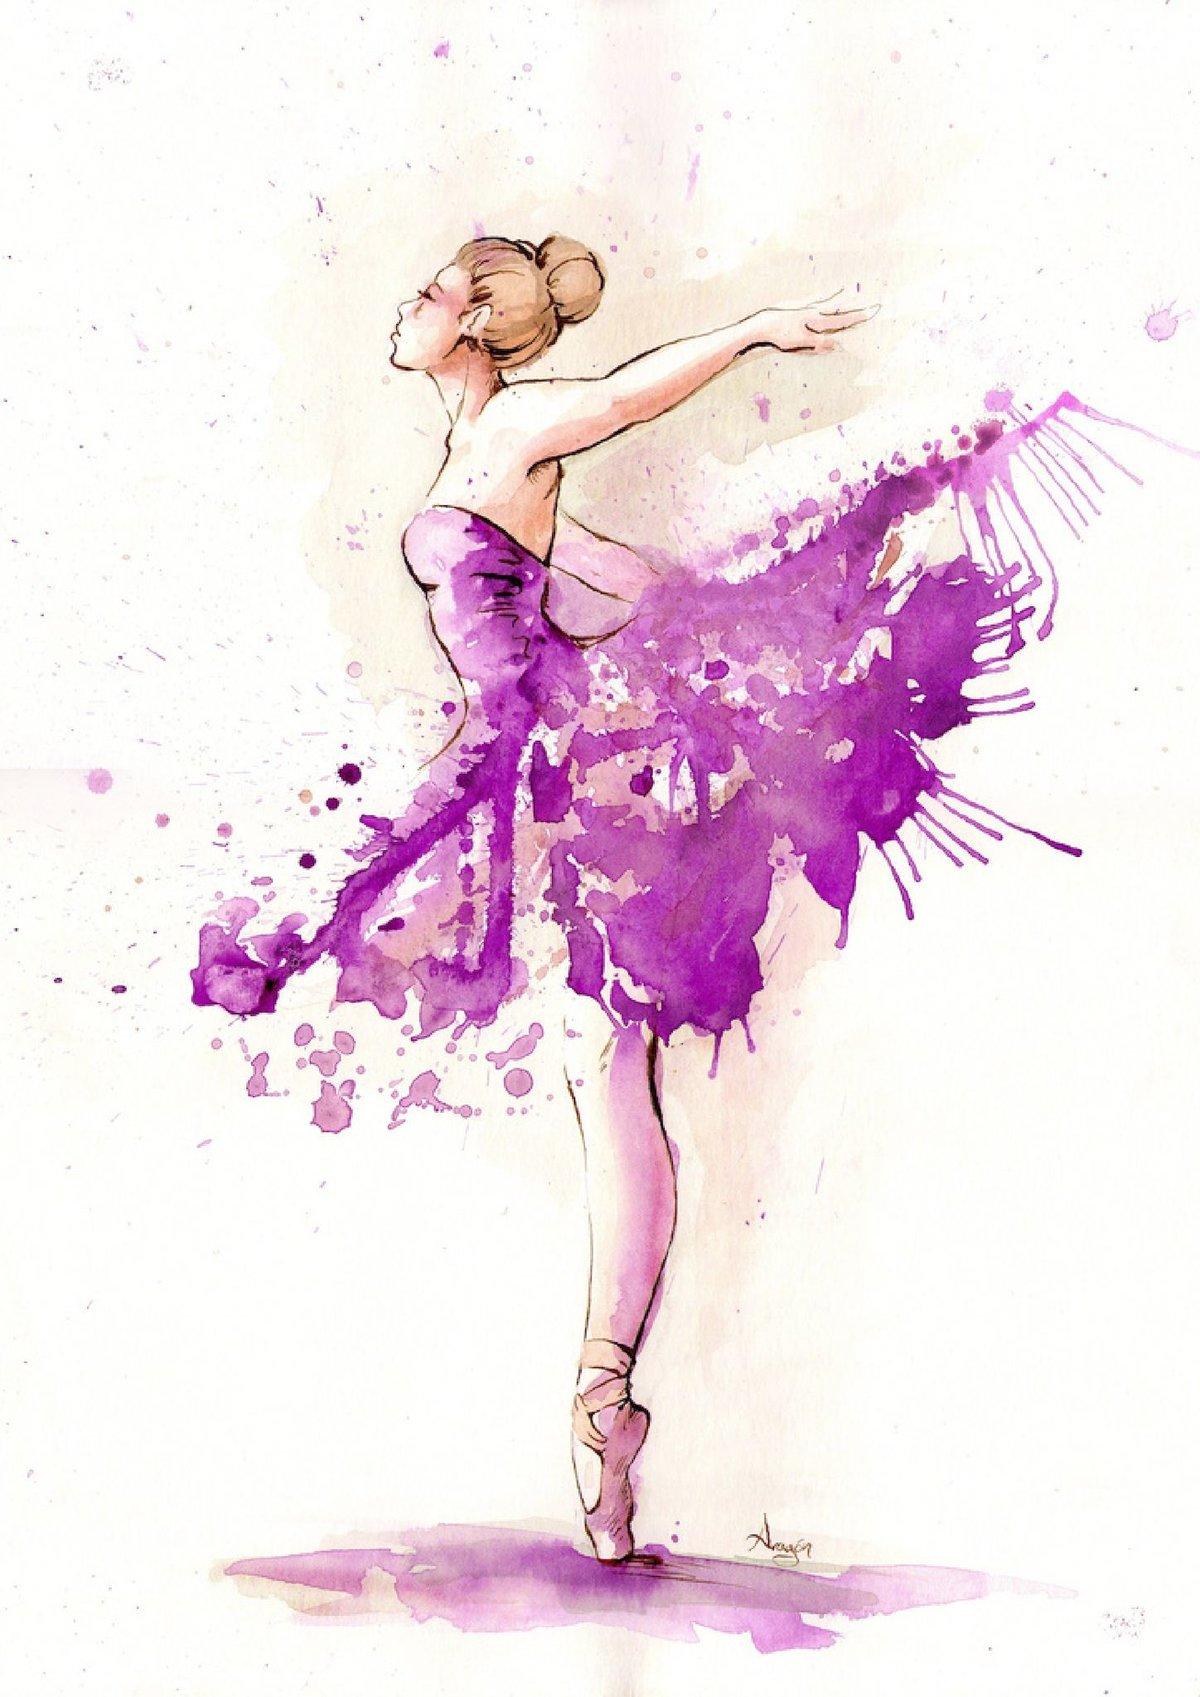 Картинки нарисованного танца